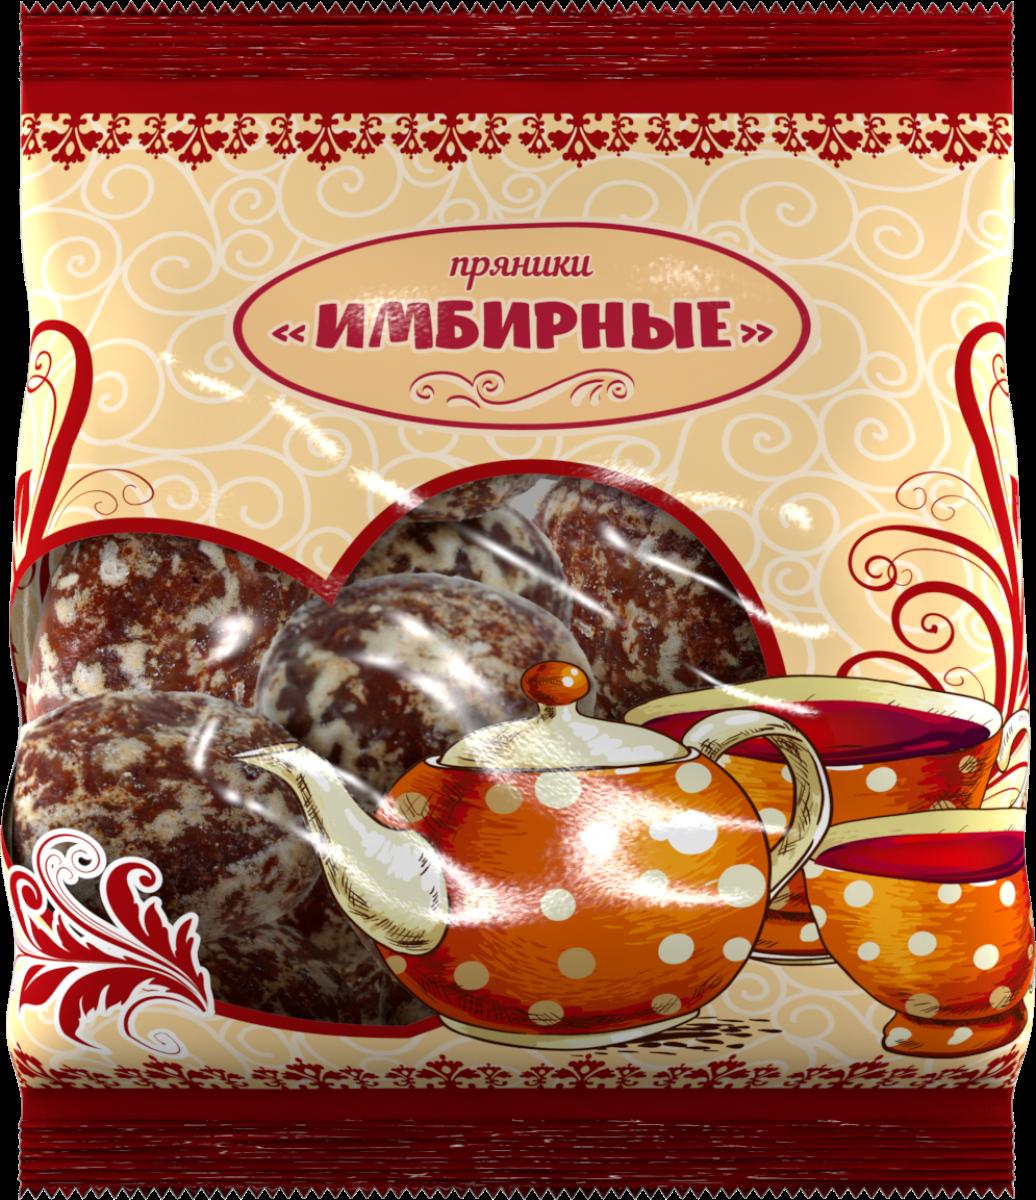 Вижер пряники имбирные, 350 г4660004139364Первый рецепт на европейский континент был привезен с Востока более 1000 лет назад. А в наши дни это уже не только популярное праздничное угощение, но и просто вкусное полезное лакомство с изысканным благородным ароматом имбиря.